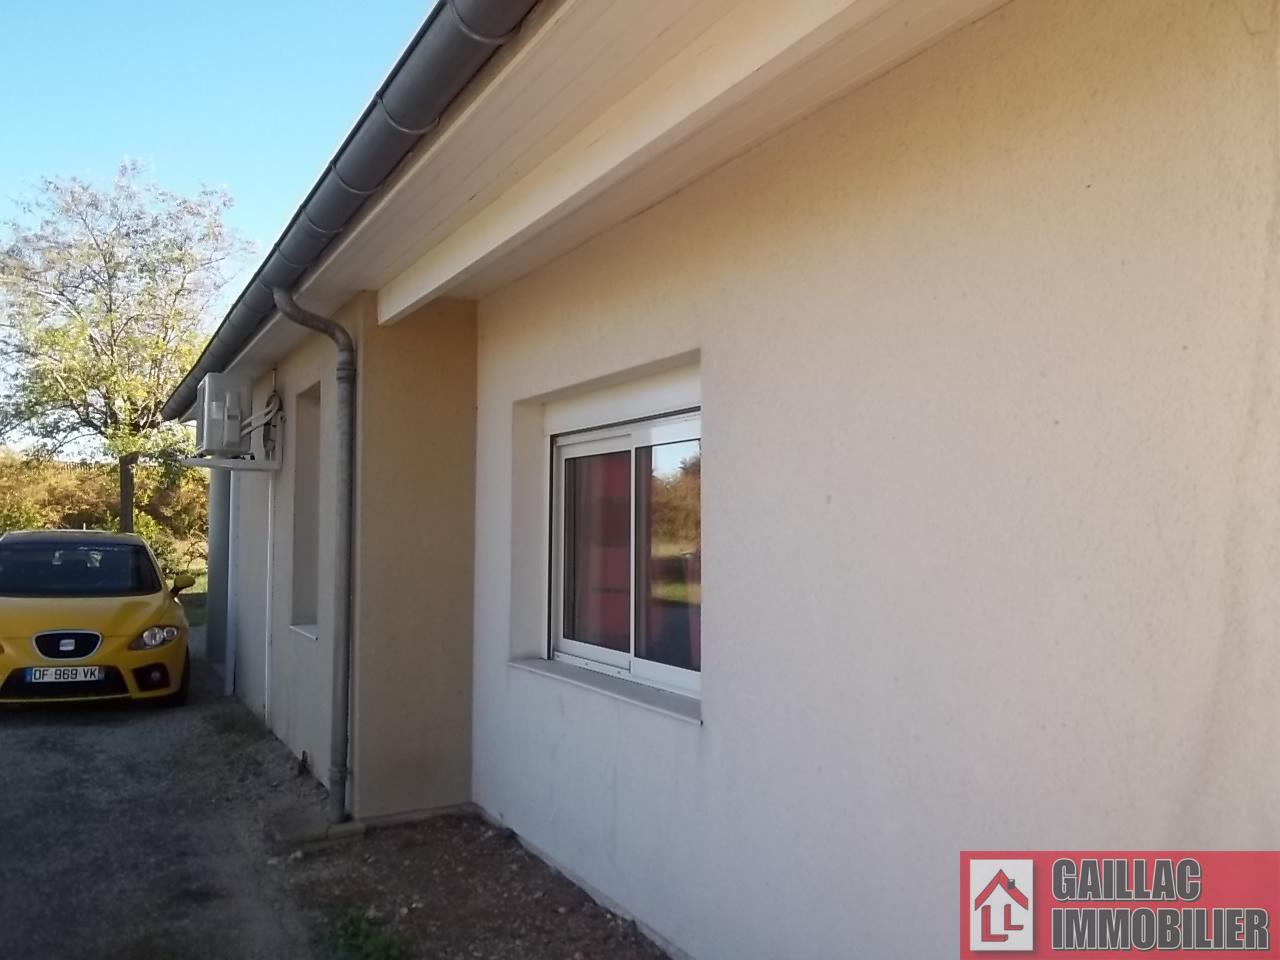 Offres de location Maison Cahuzac-sur-Vère 81140